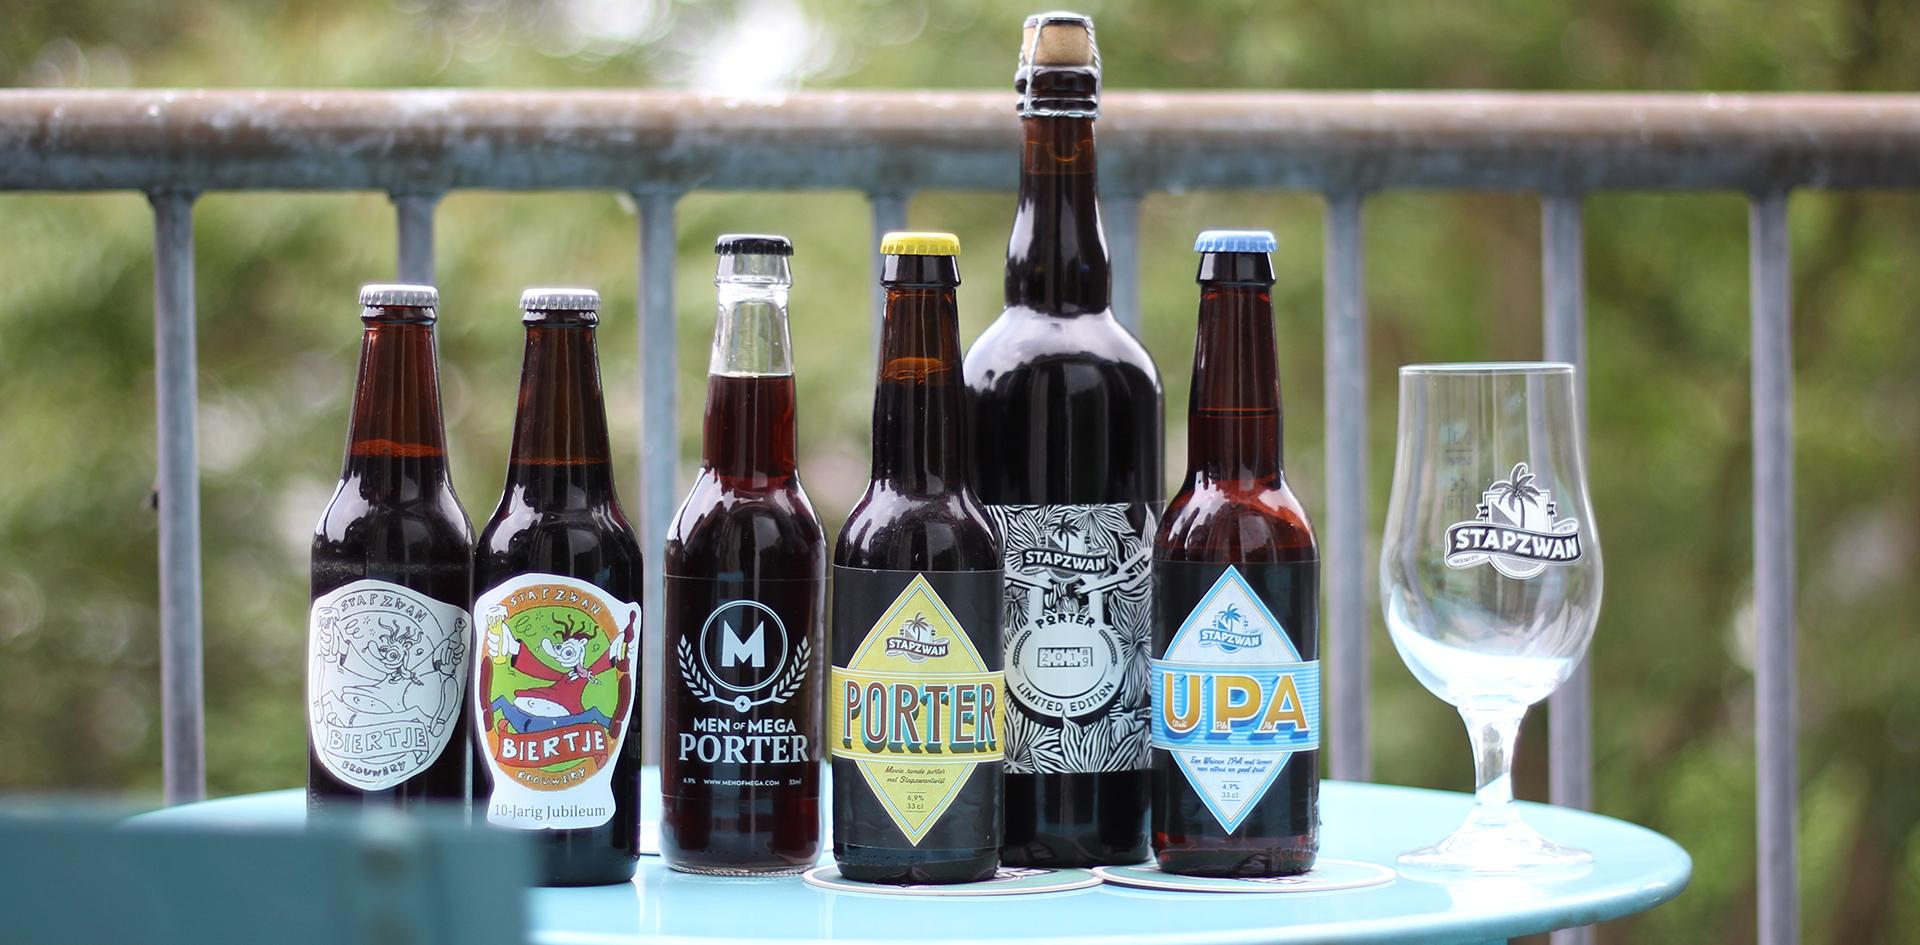 pils-bier-brouwerij-nederland-streekbier-utrecht-stapzwan-foto-01